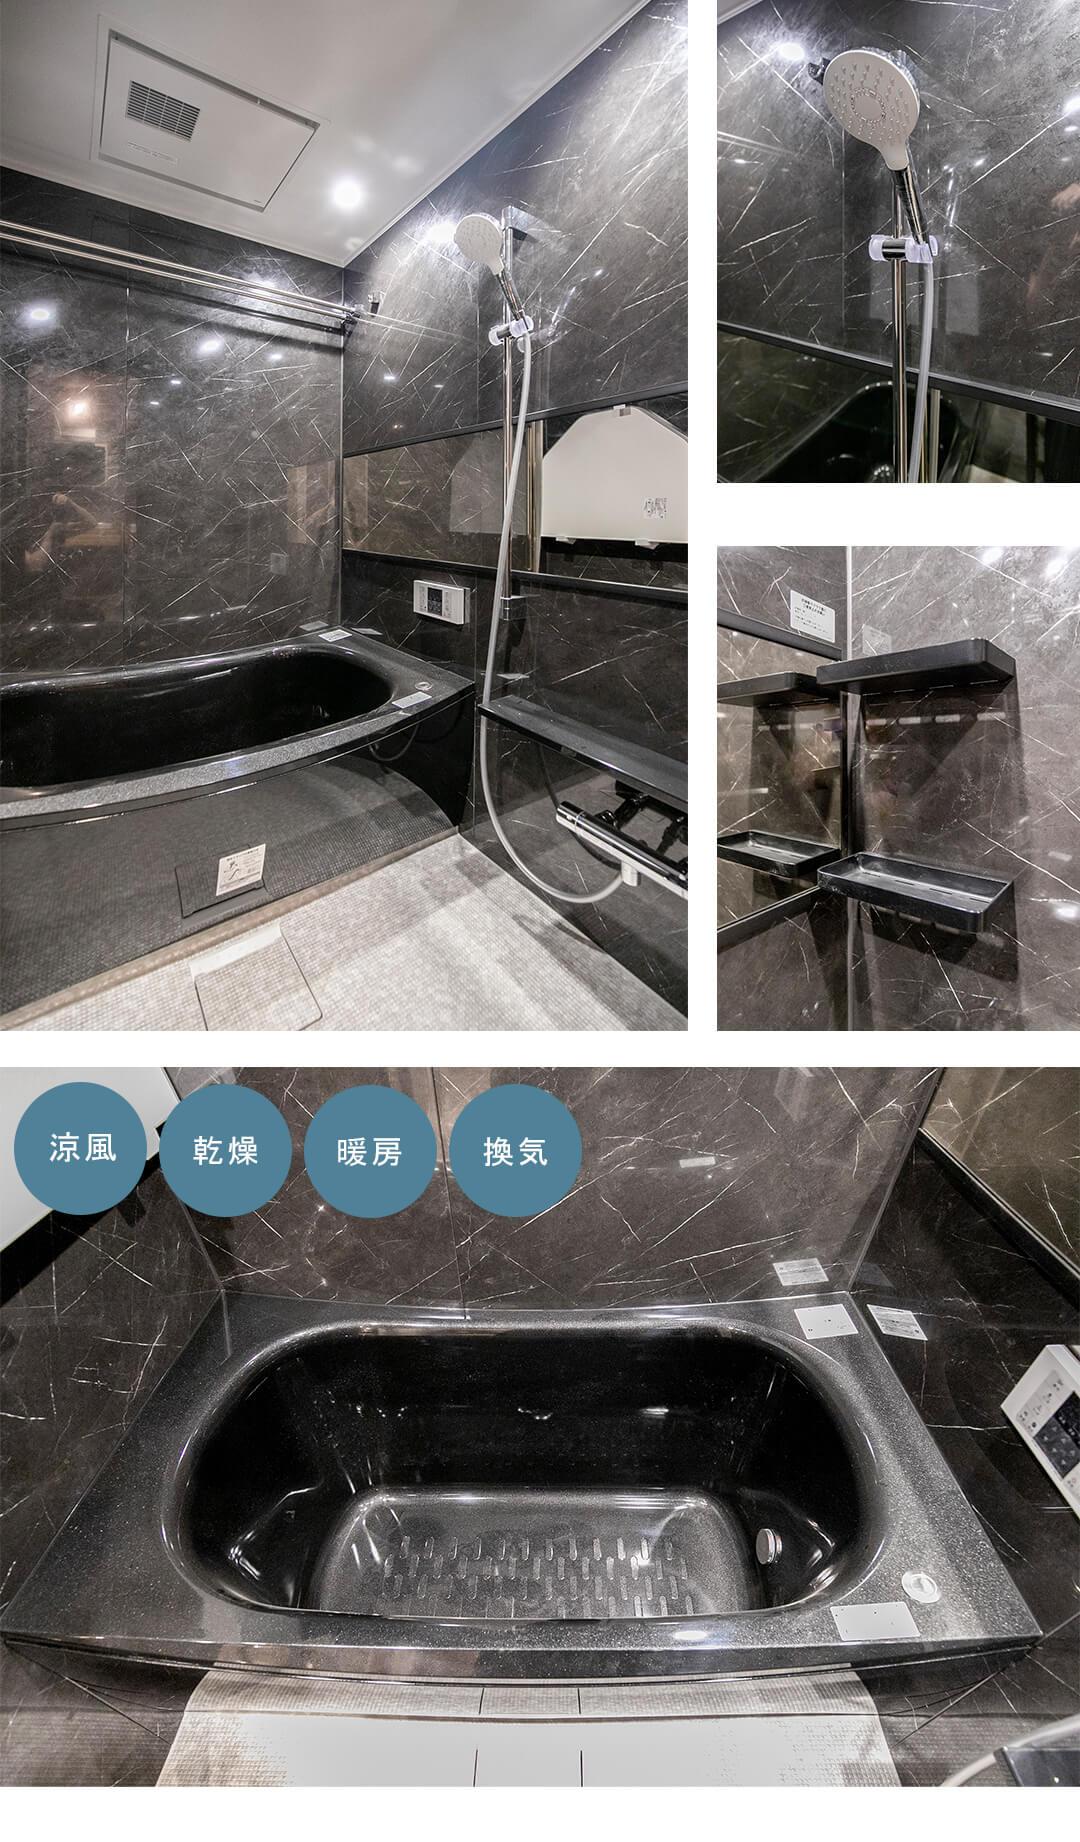 朝日ラ・パリオ油面公園の浴室